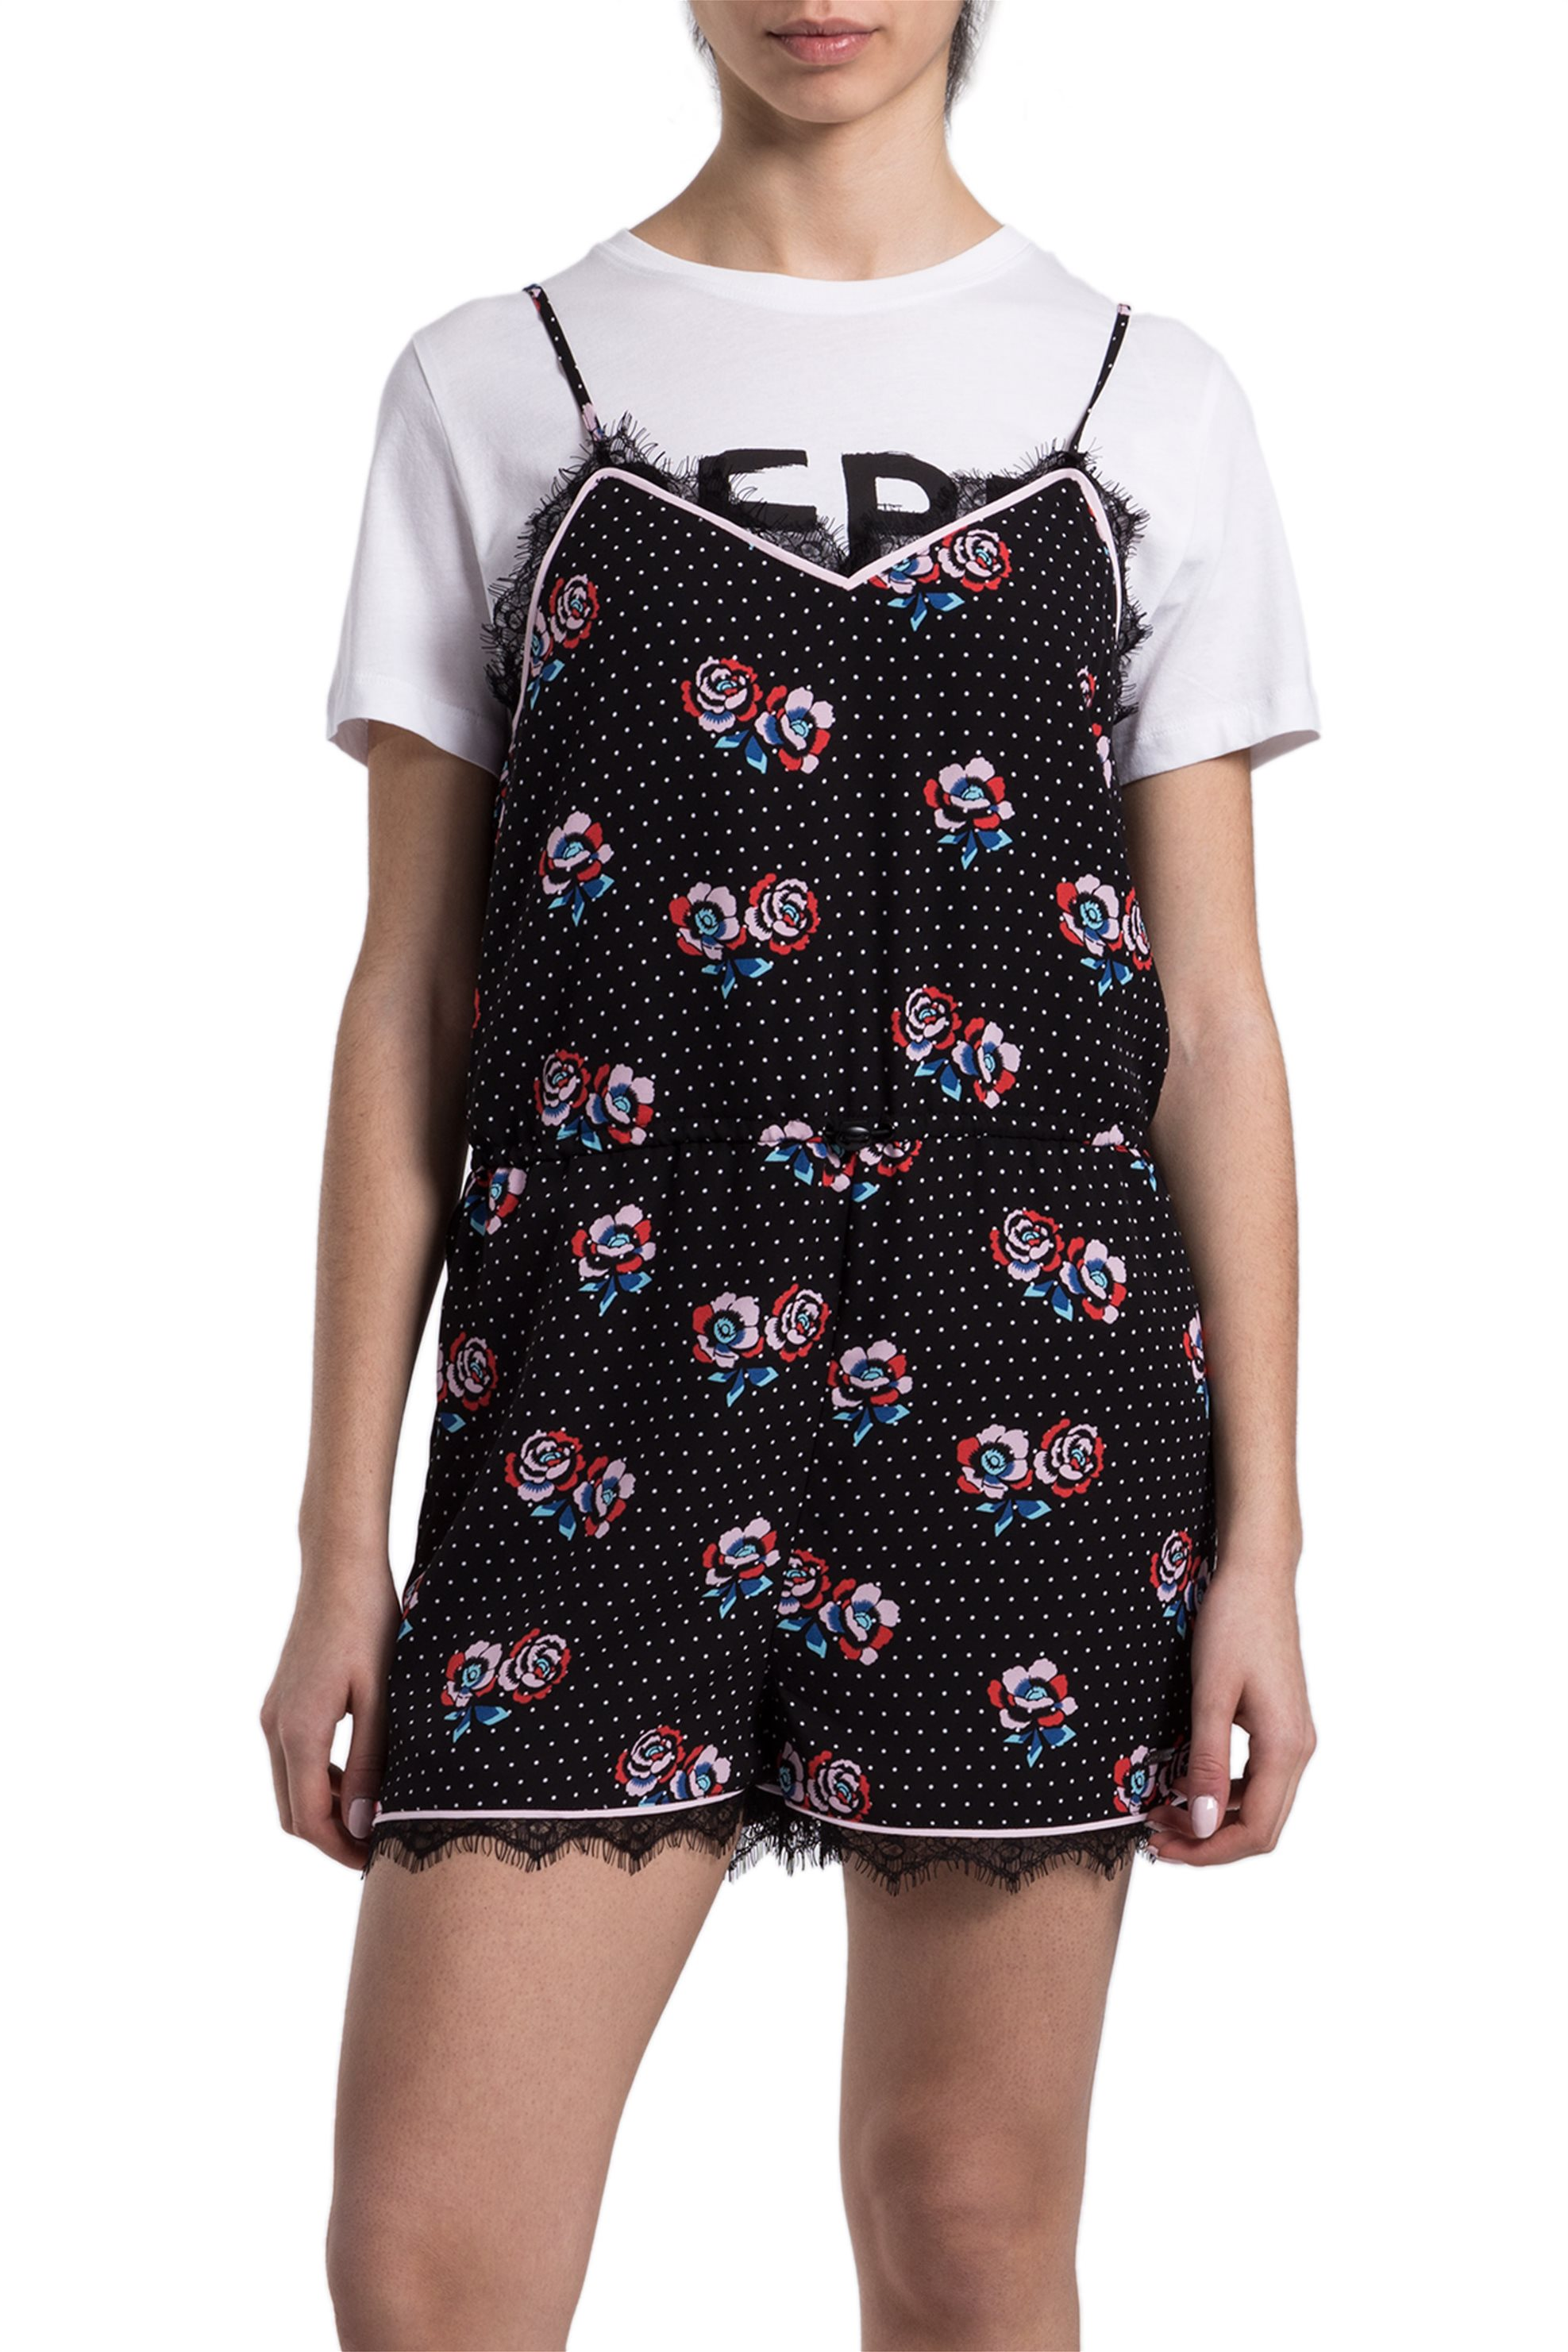 Γυναικεία ολόσωμη φόρμα Pepe Jeans - PL230219 - Μαύρο γυναικα   ρουχα   ολόσωμες φόρμες   σαλοπέτες